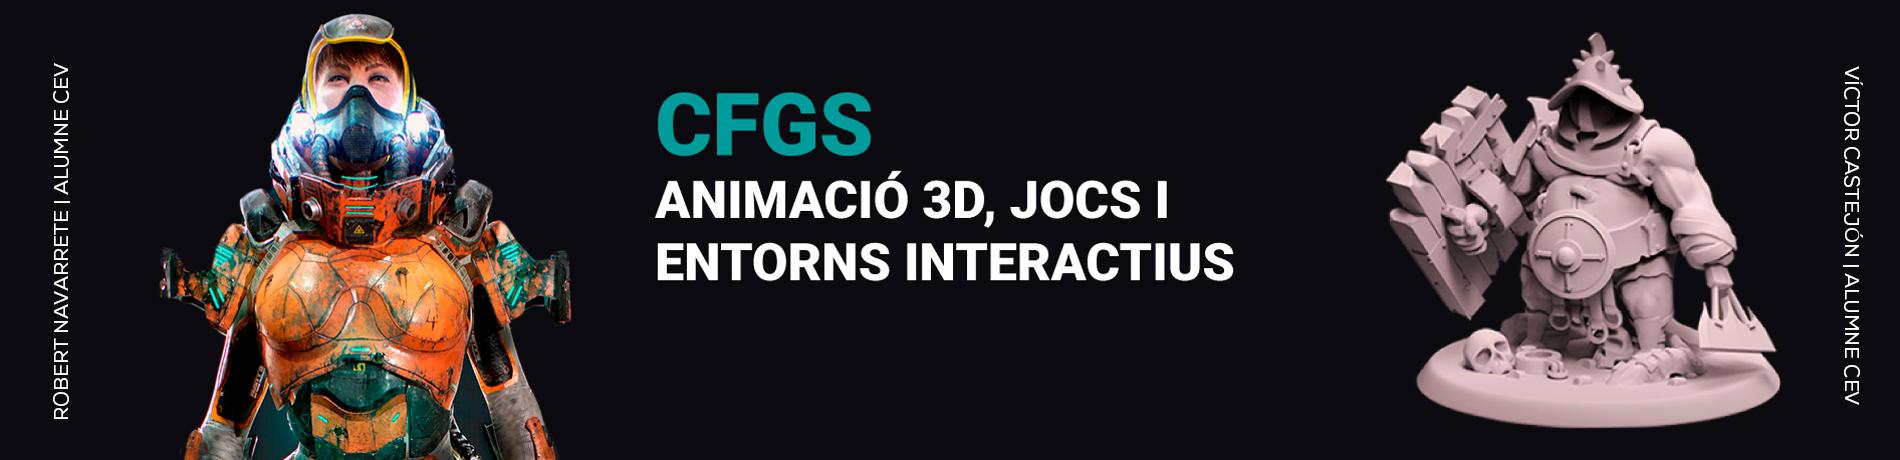 cfgs en animació 3d, jocs i entorns interactius